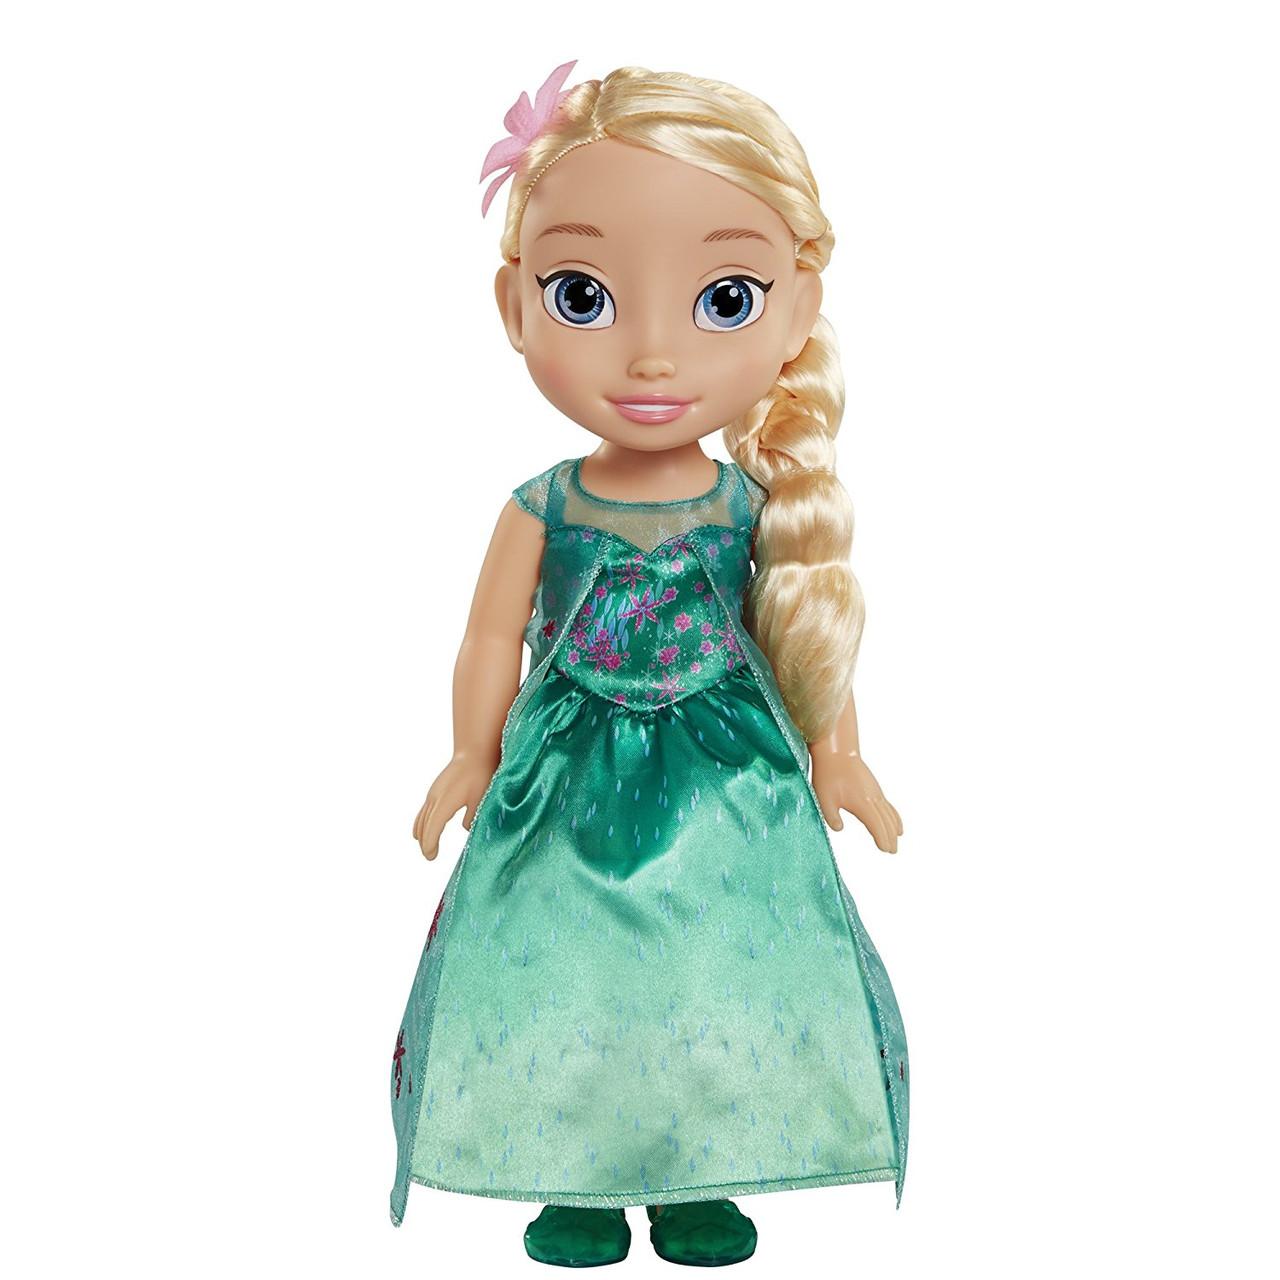 Кукла принцесса Эльза малышка Дисней Disney Princess Frozen Fever Toddler Elsa Doll